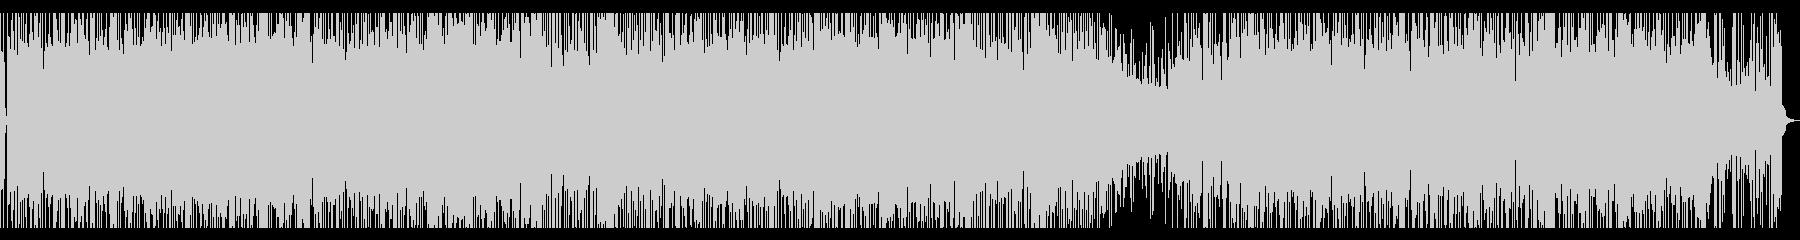 警視庁24時的な王道ギターフュージョンの未再生の波形